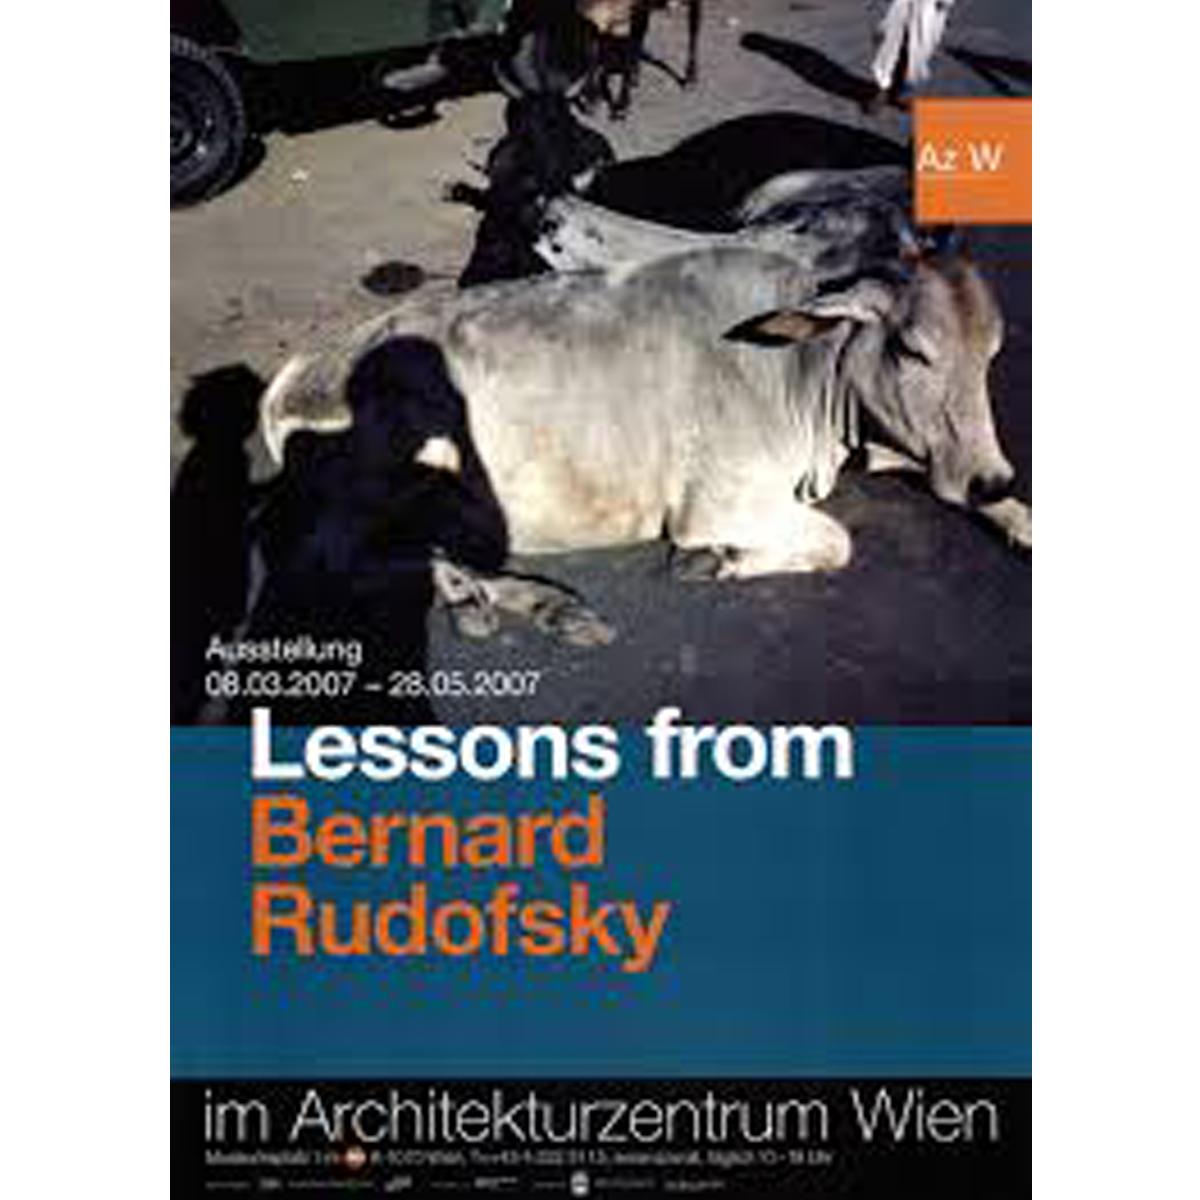 Lessons from Bernard Rudofsky